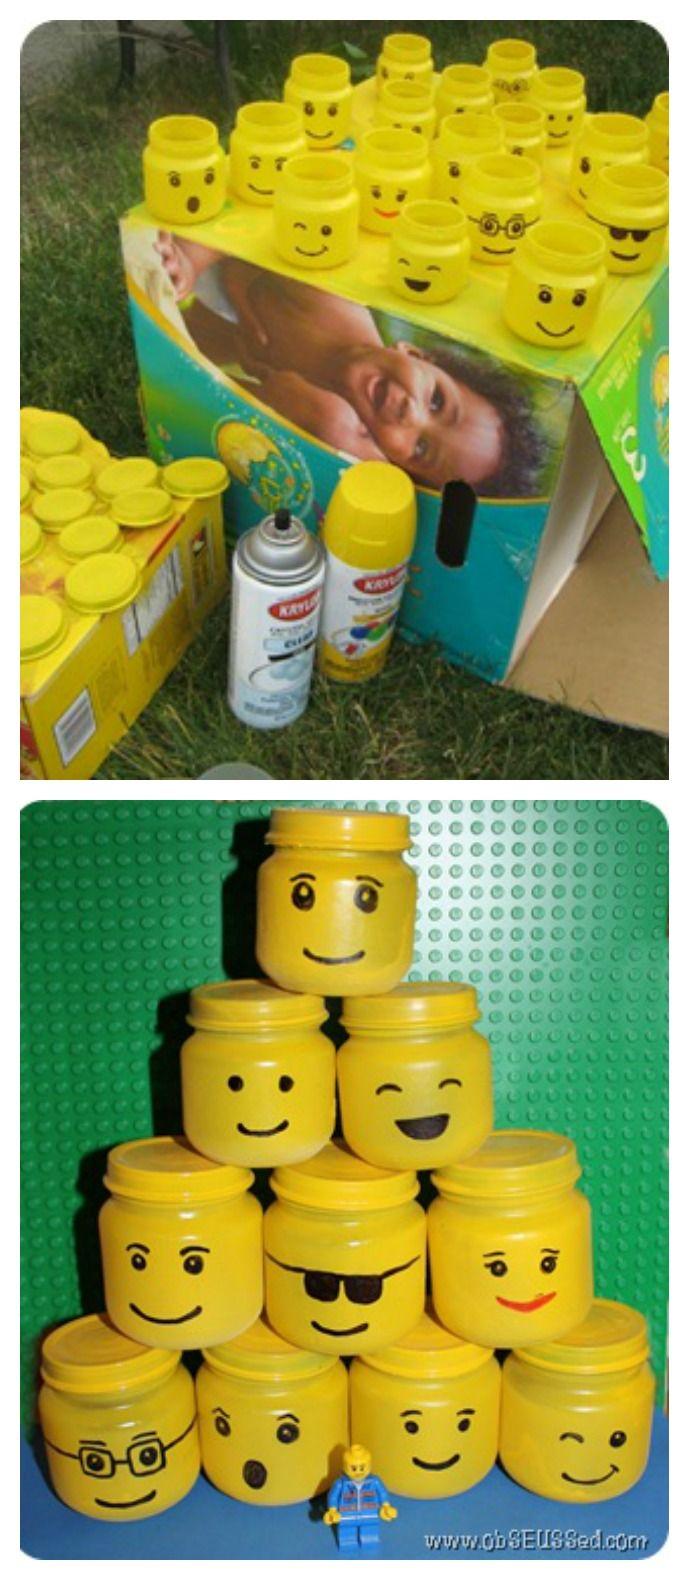 Anniversaire enfant thème Lego. A remplir de bonbons ou de petits cadeaux pour les invités.